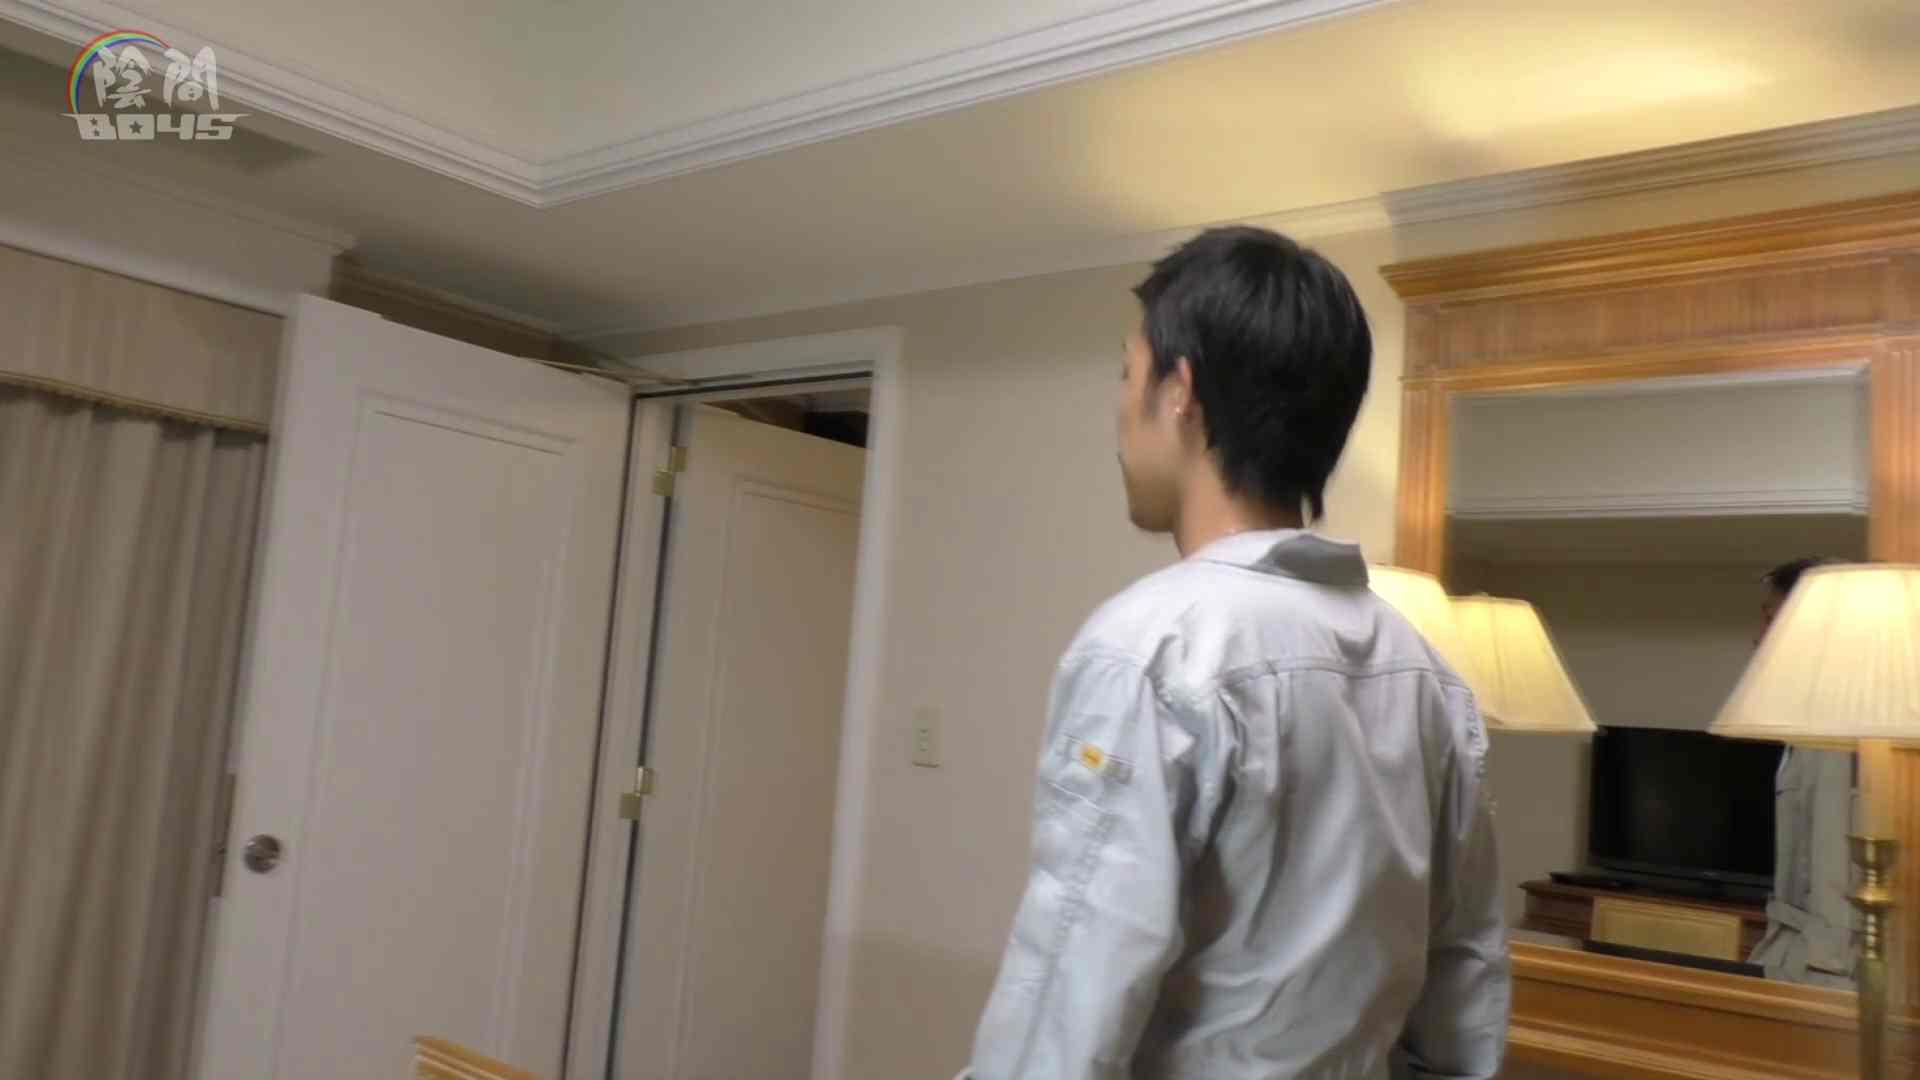 陰間BOYS~「アナルだけは許して…3」~03 入浴・シャワー丸見え ゲイエロビデオ画像 54pic 9